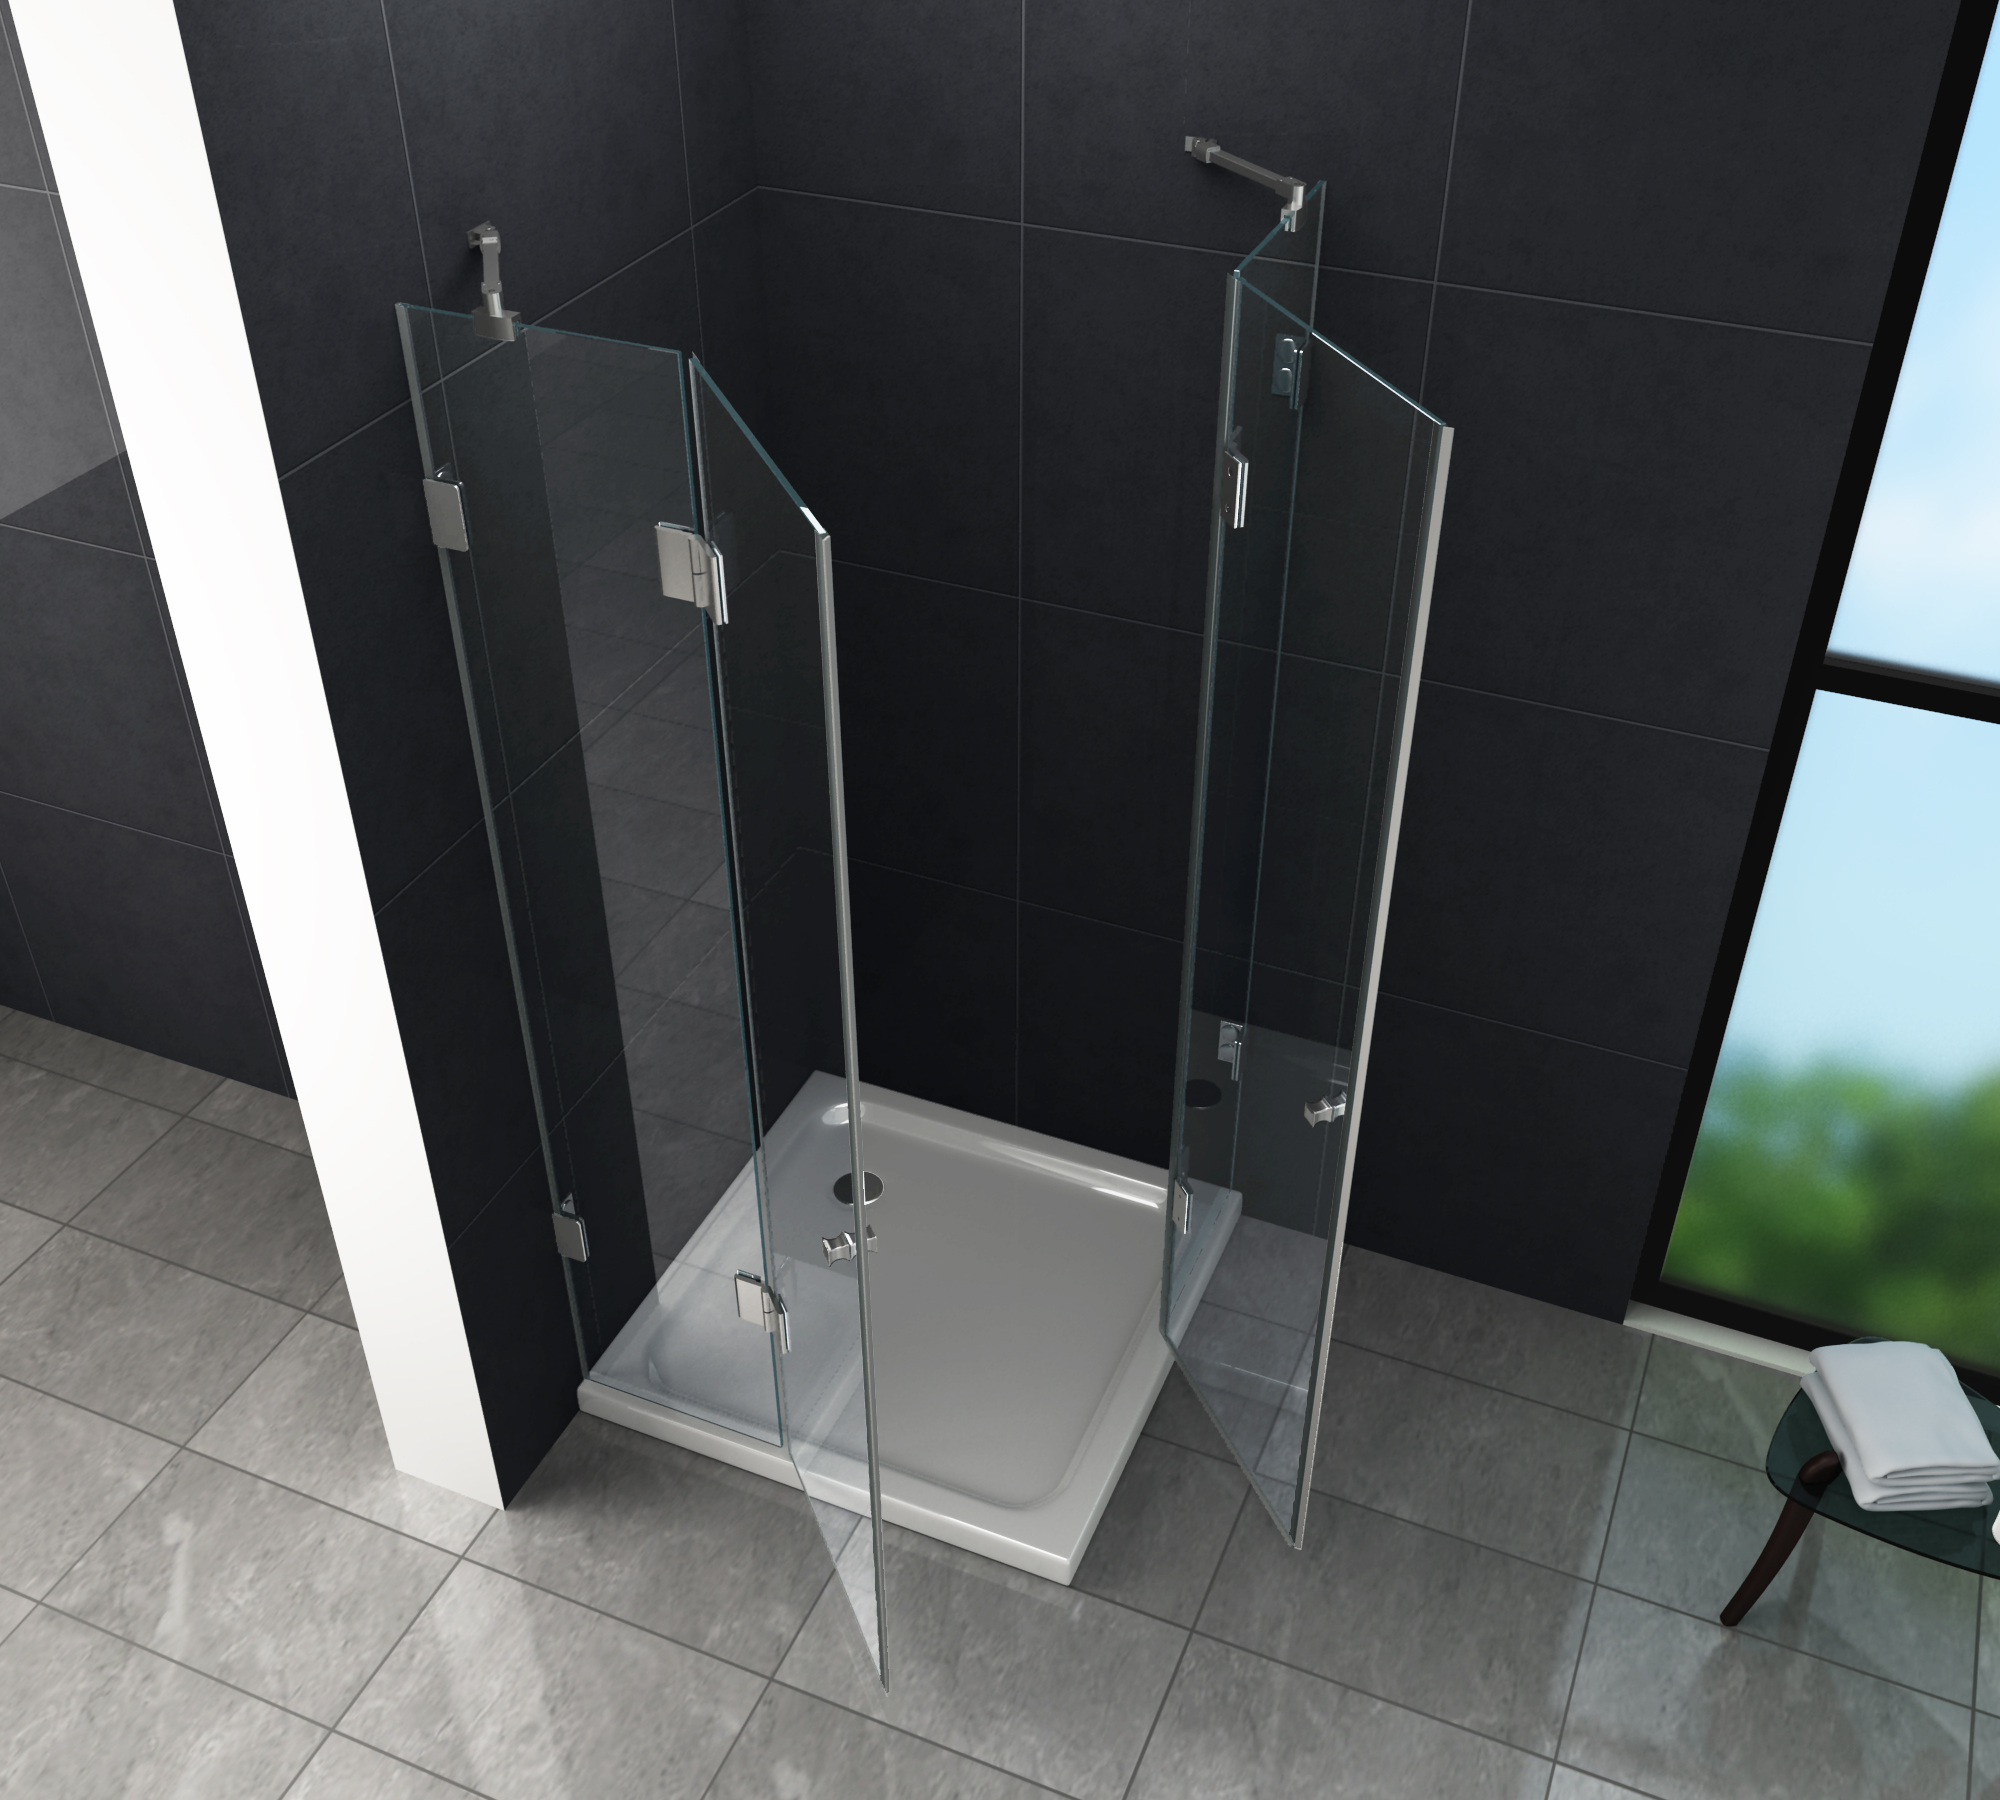 rahmenlose duschkabine luxorline 120 x 80 x 195 cm ohne duschtasse - Dusche 80 X 120 Cm